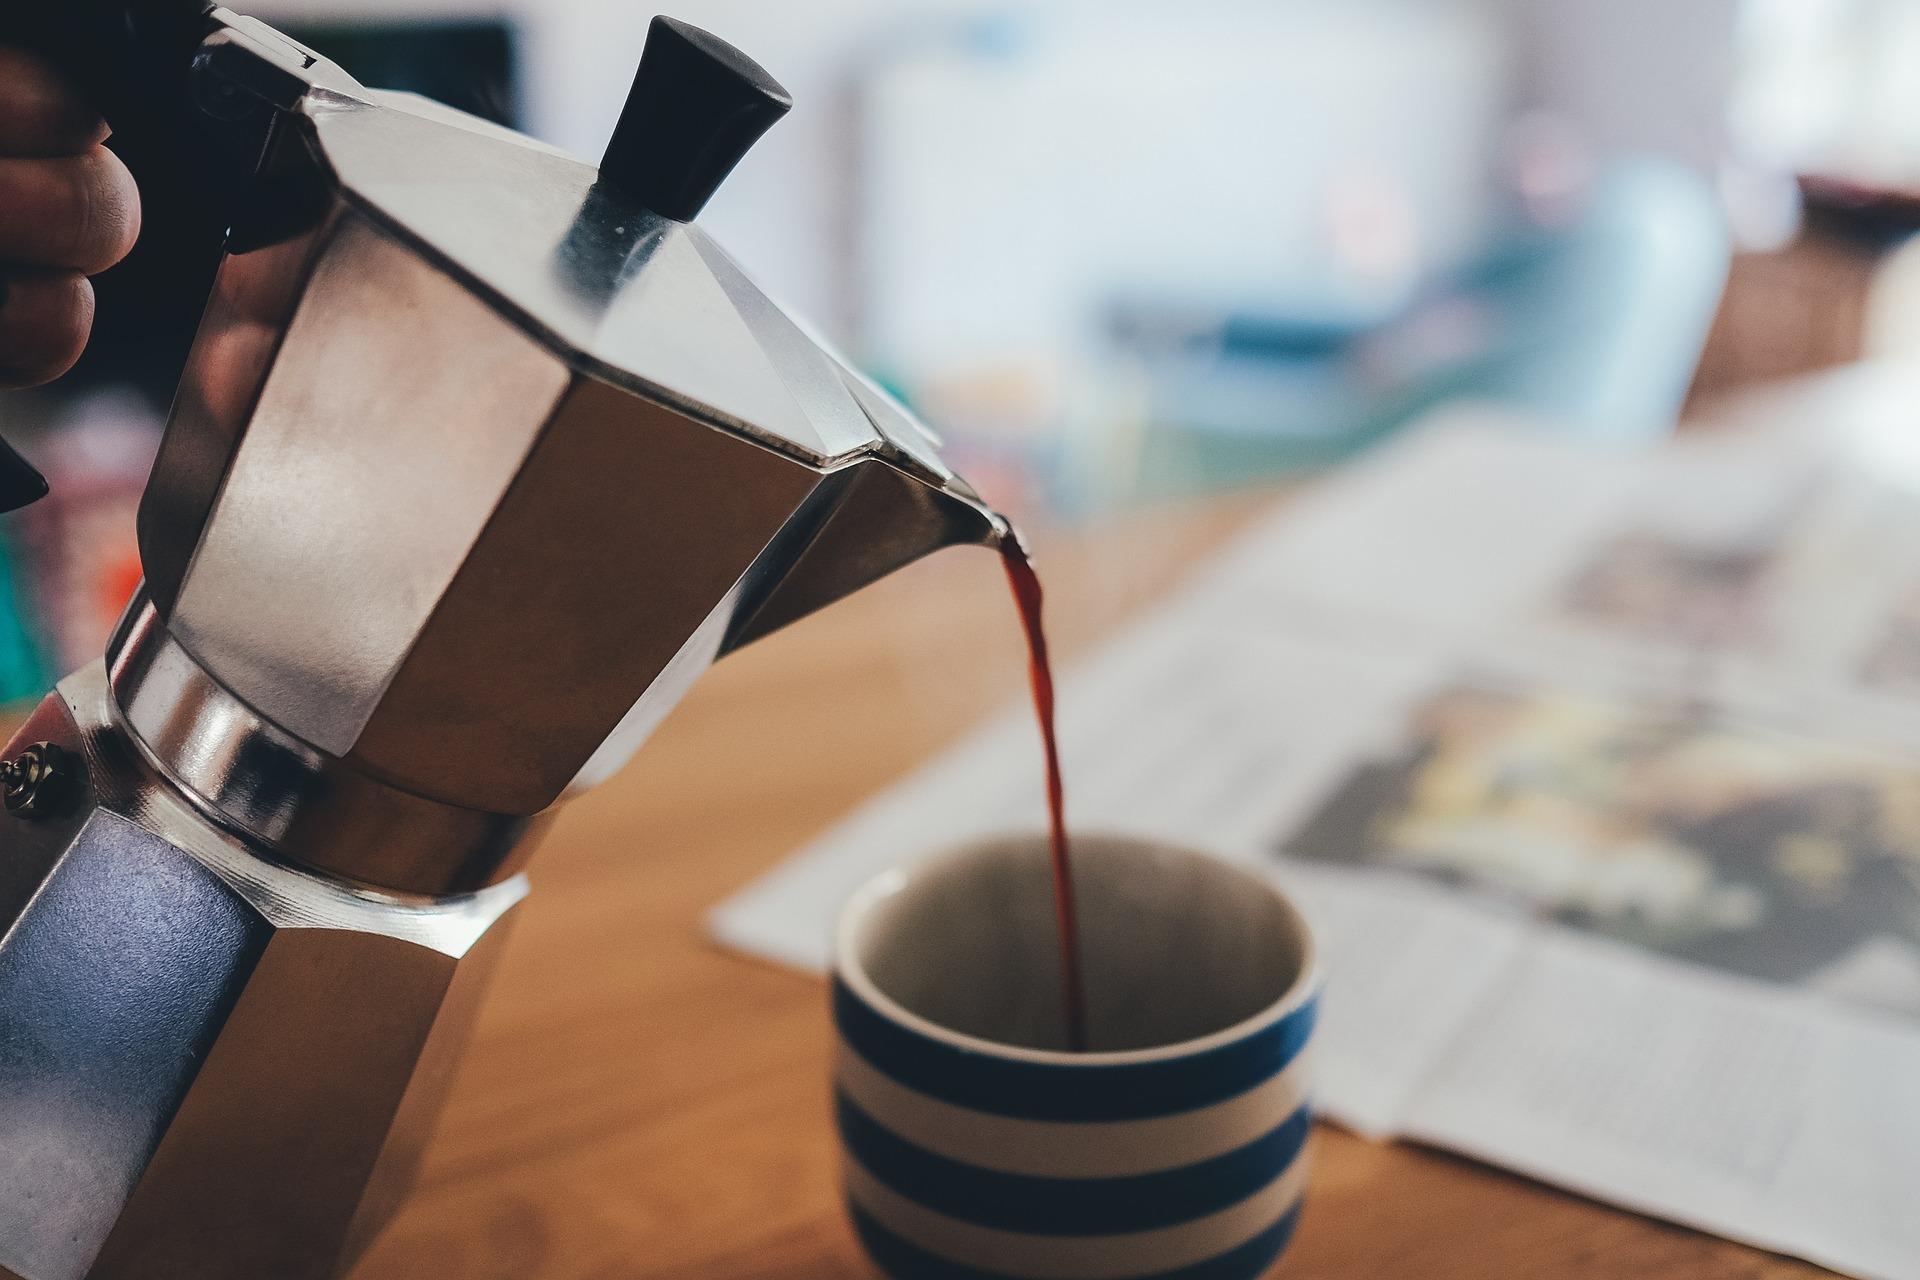 Na foto uma pessoa colocando café em um xícara segurando uma cafeteira italiana.